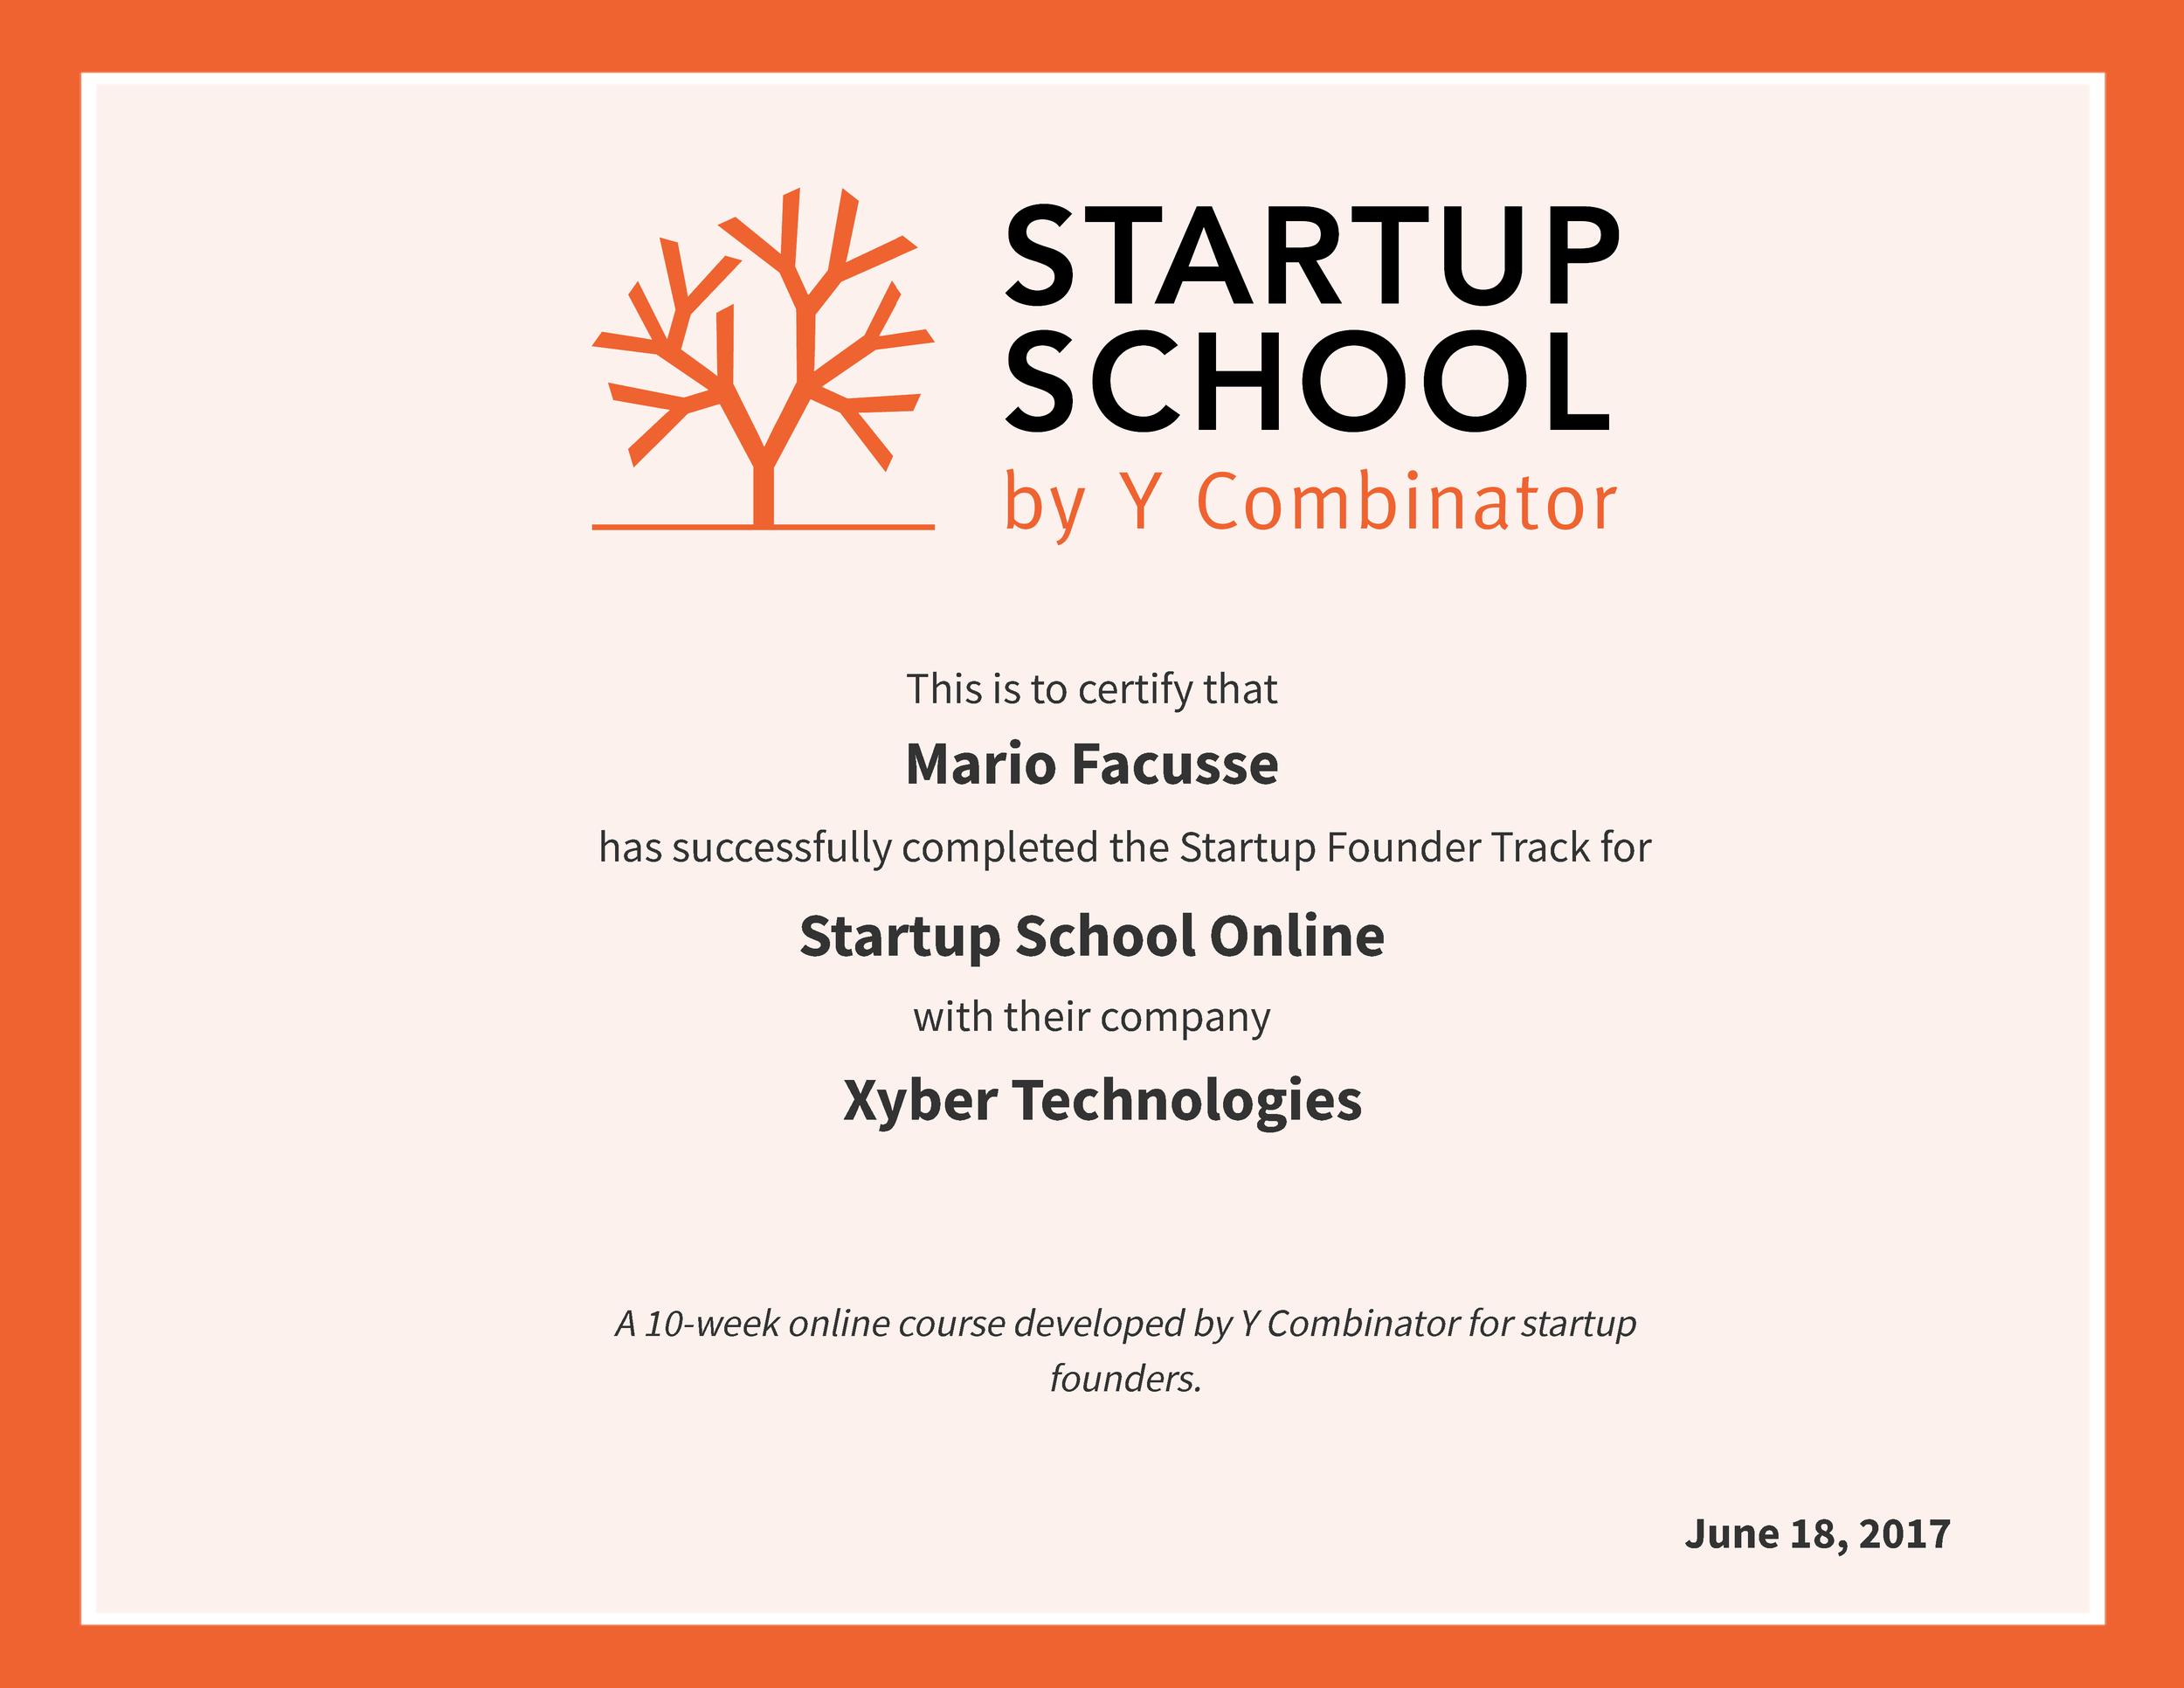 Y Combinator Startup School Certificate